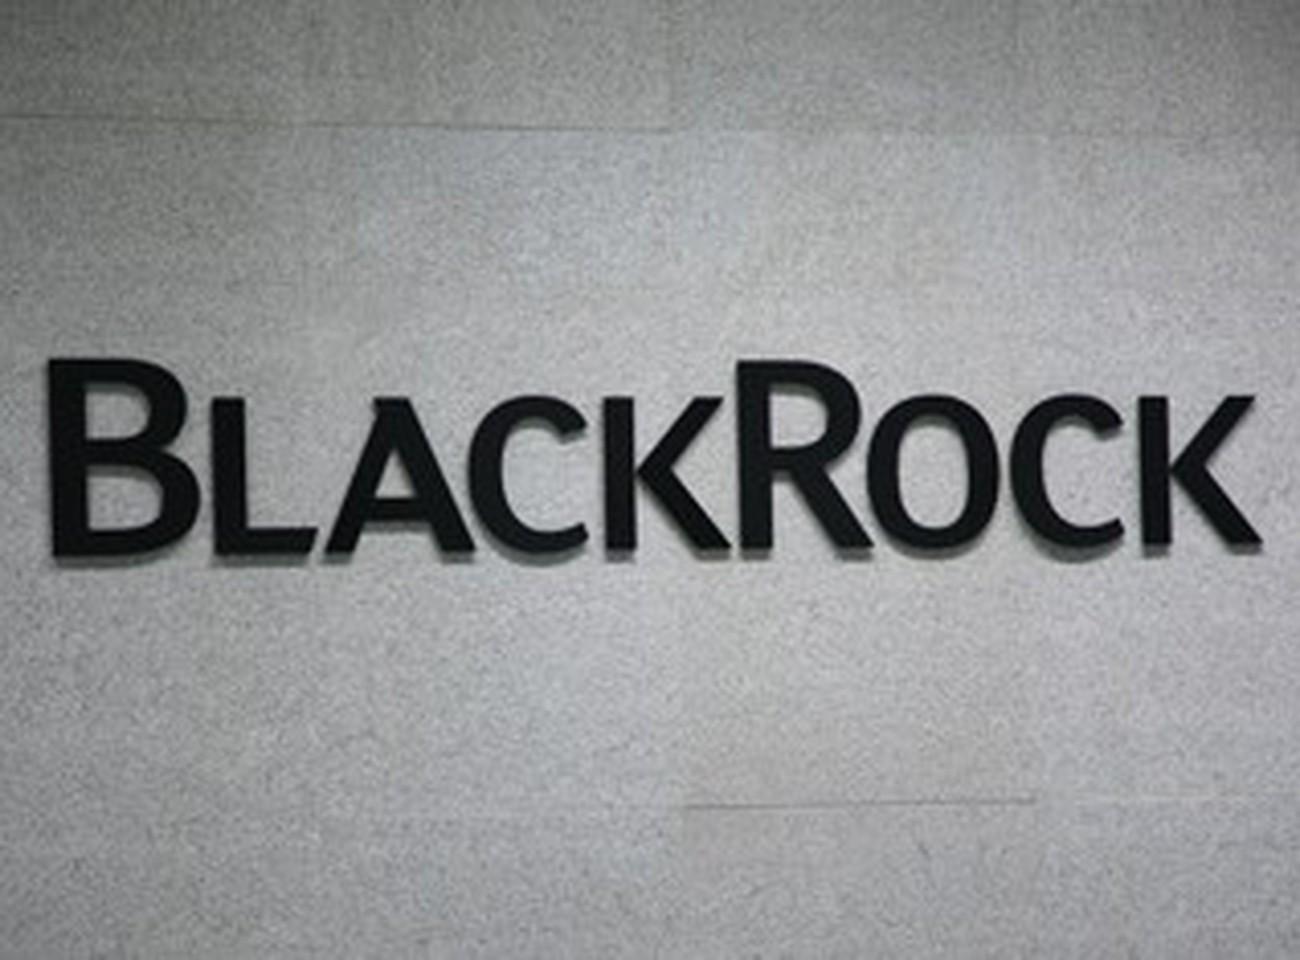 BlackRock Careers